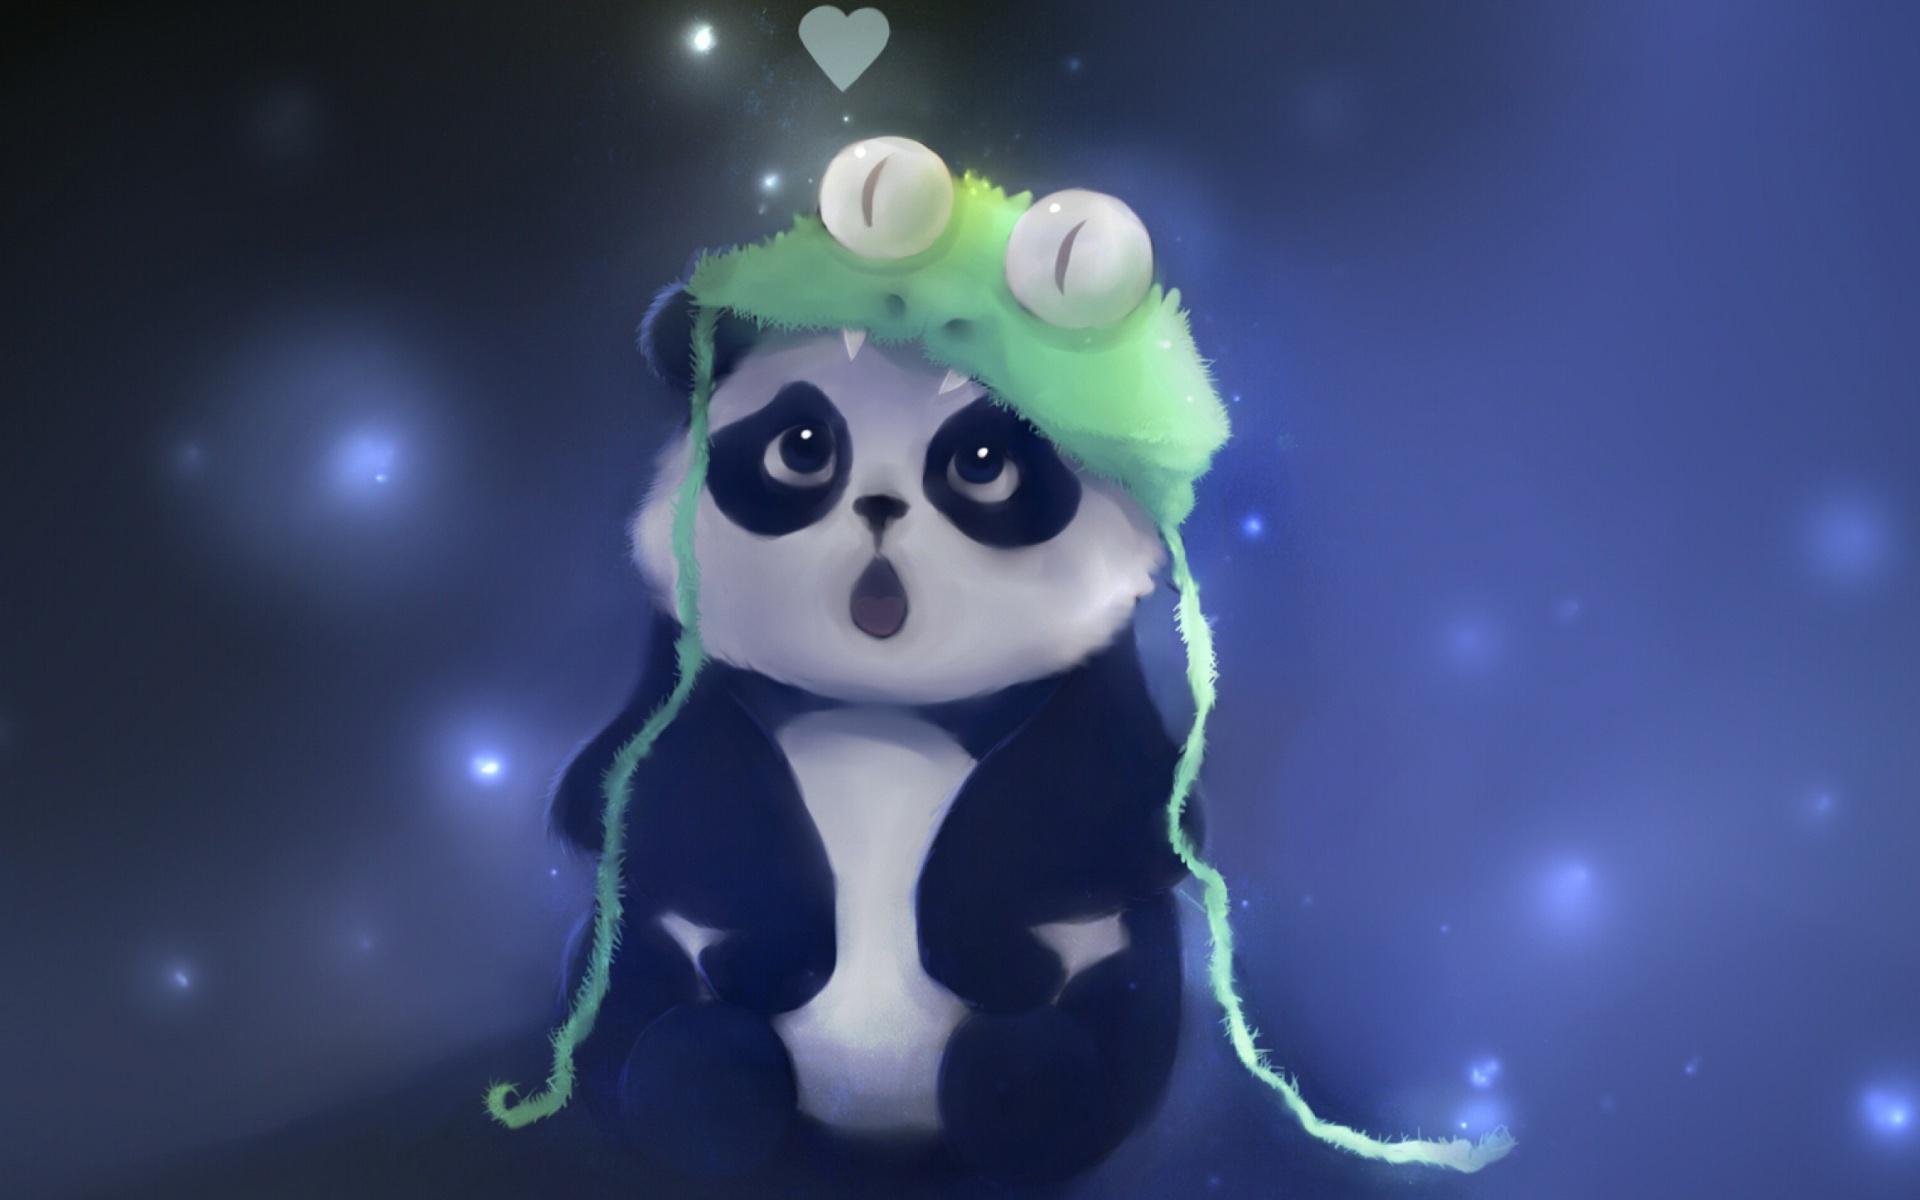 大熊猫图片大全 高清大图 动物壁纸-第1张